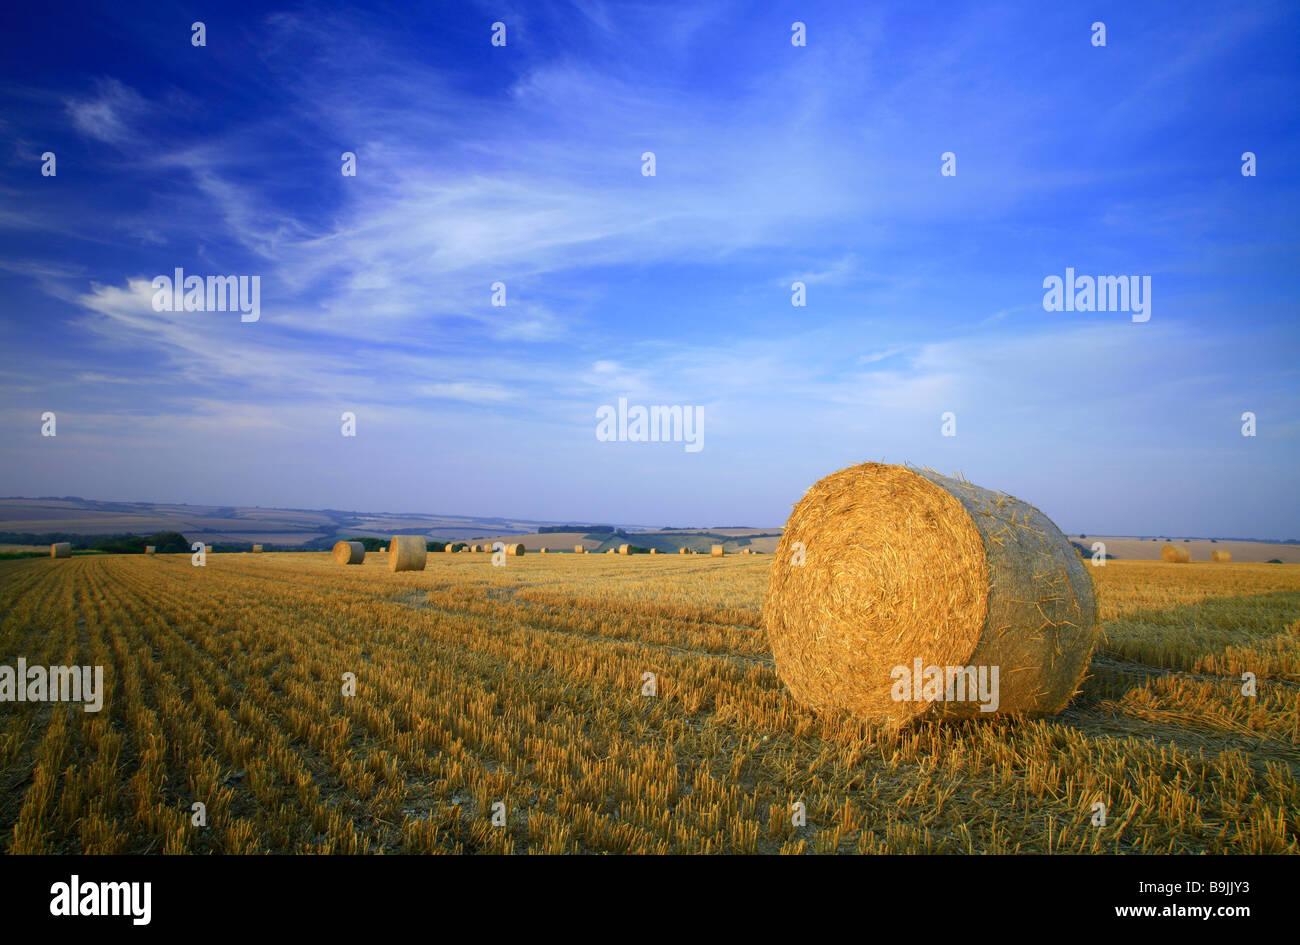 Una paca de paja en un campo de rastrojo después de la cosecha con el cielo azul y nubes de verano Imagen De Stock